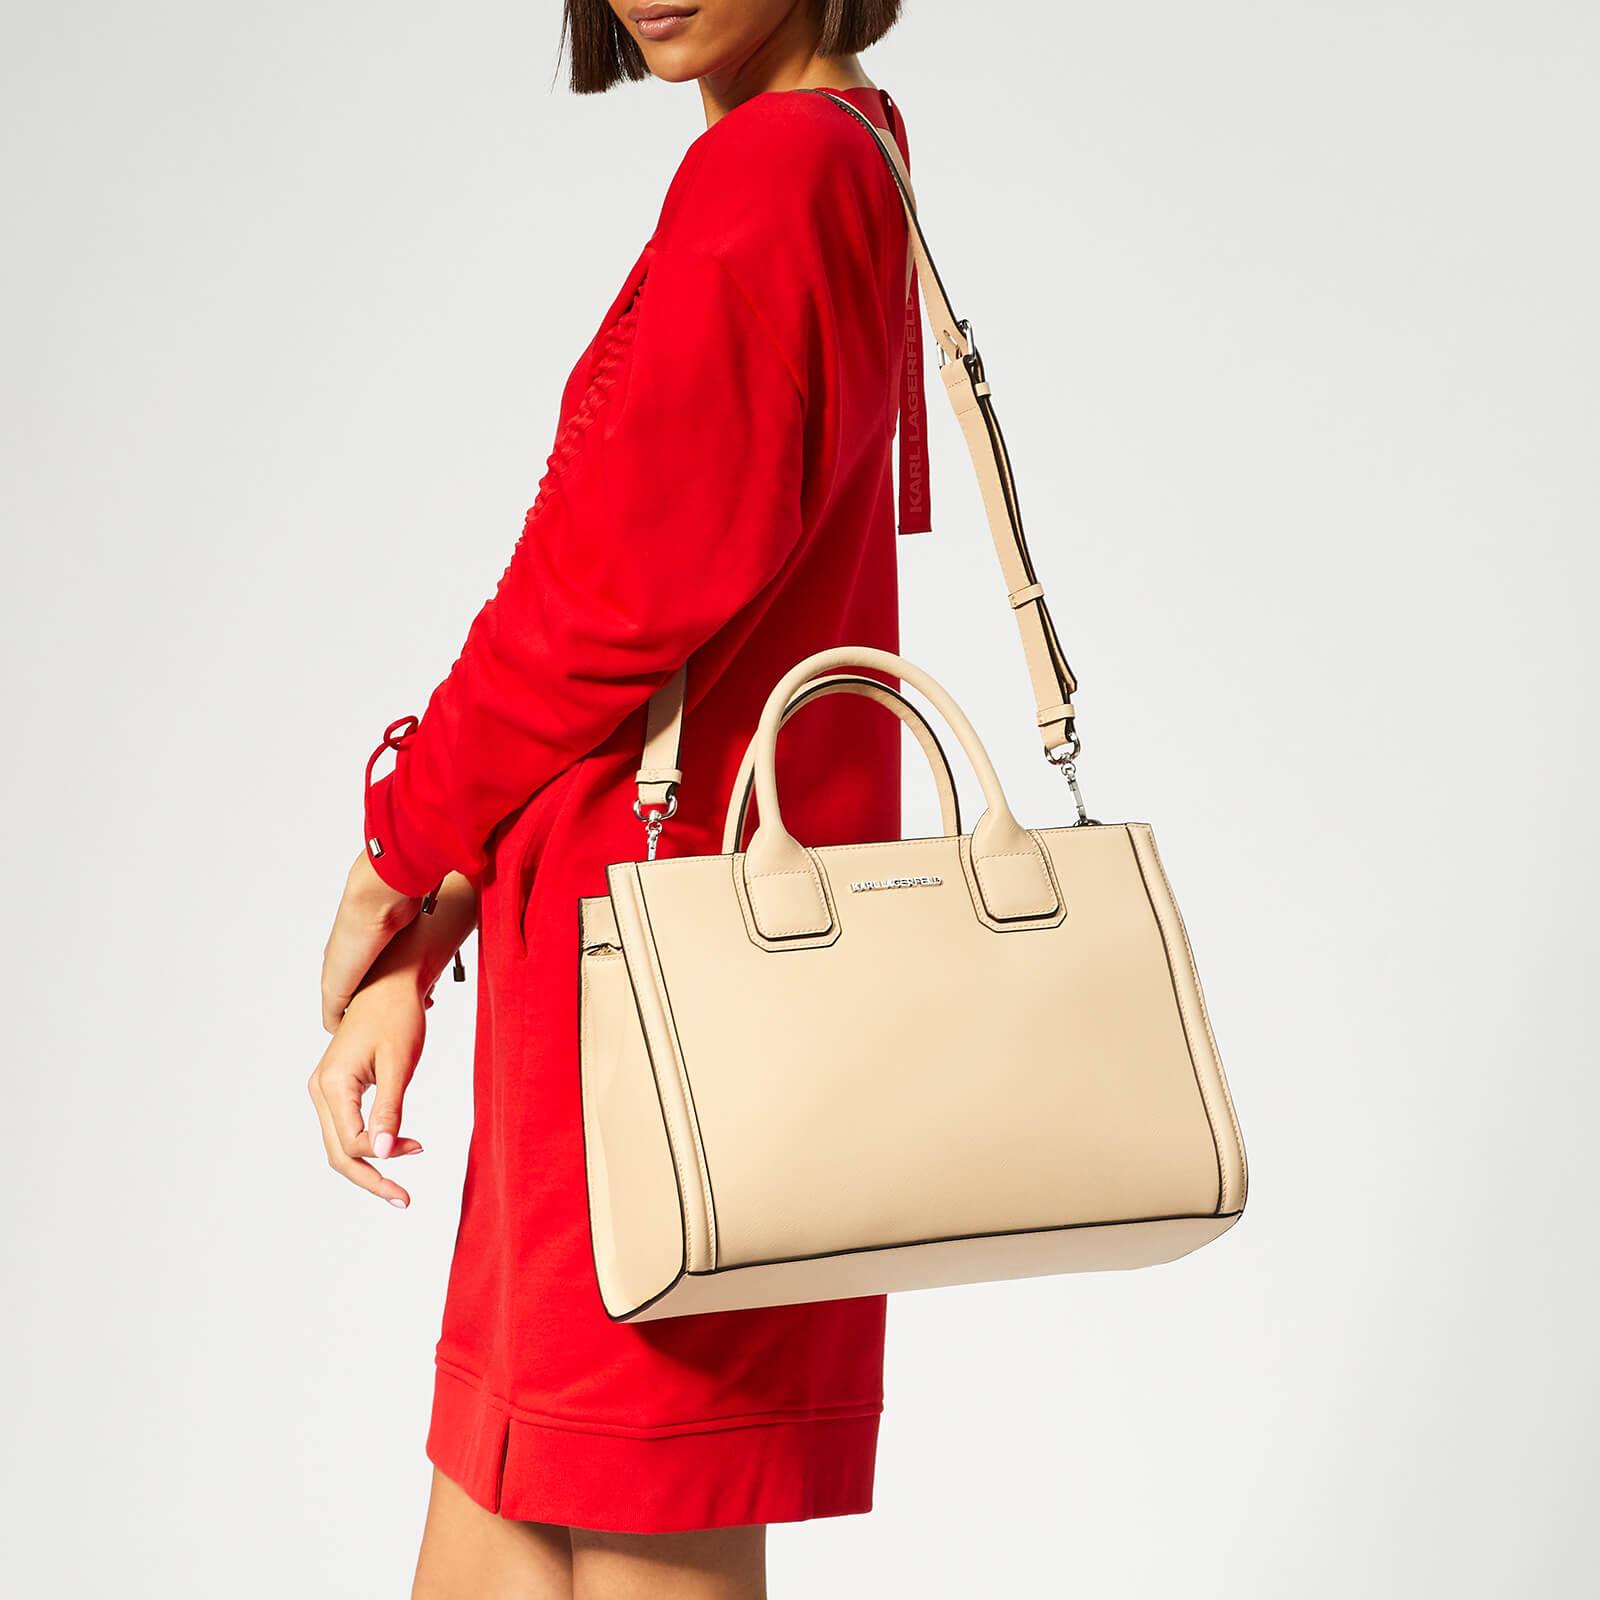 Karl Lagerfeld Women's K/Klassik Tote Bag - Biscuit